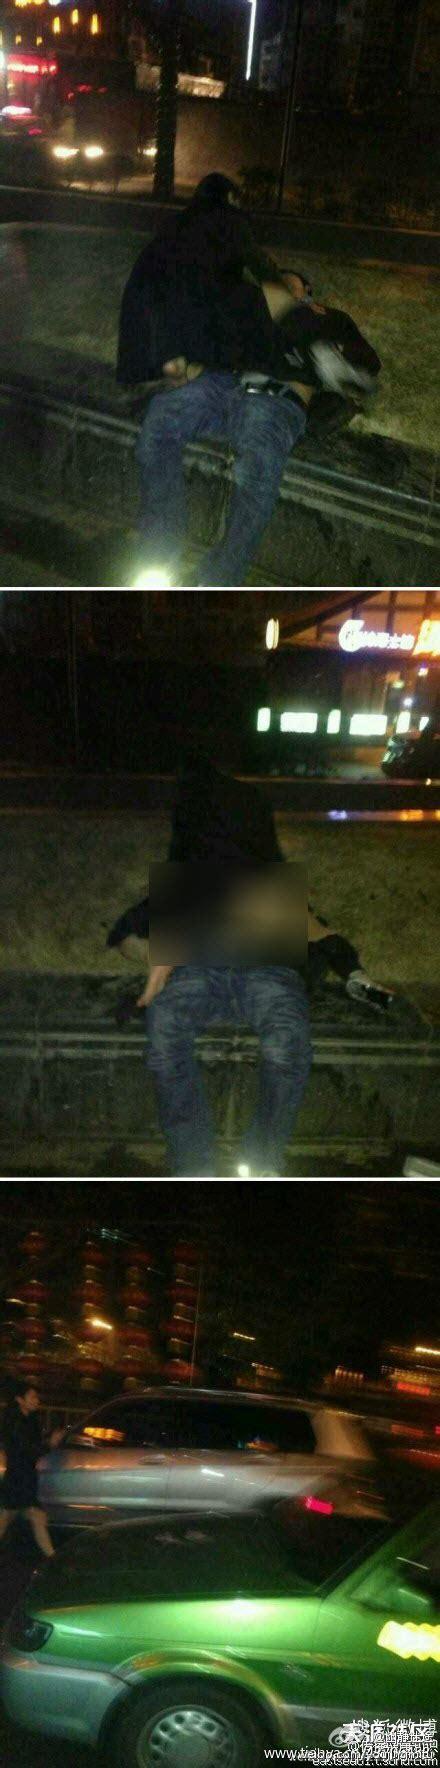 Pembersih Muka Kes jenayah wanita rogol lelaki di tepi jalan 3 gambar